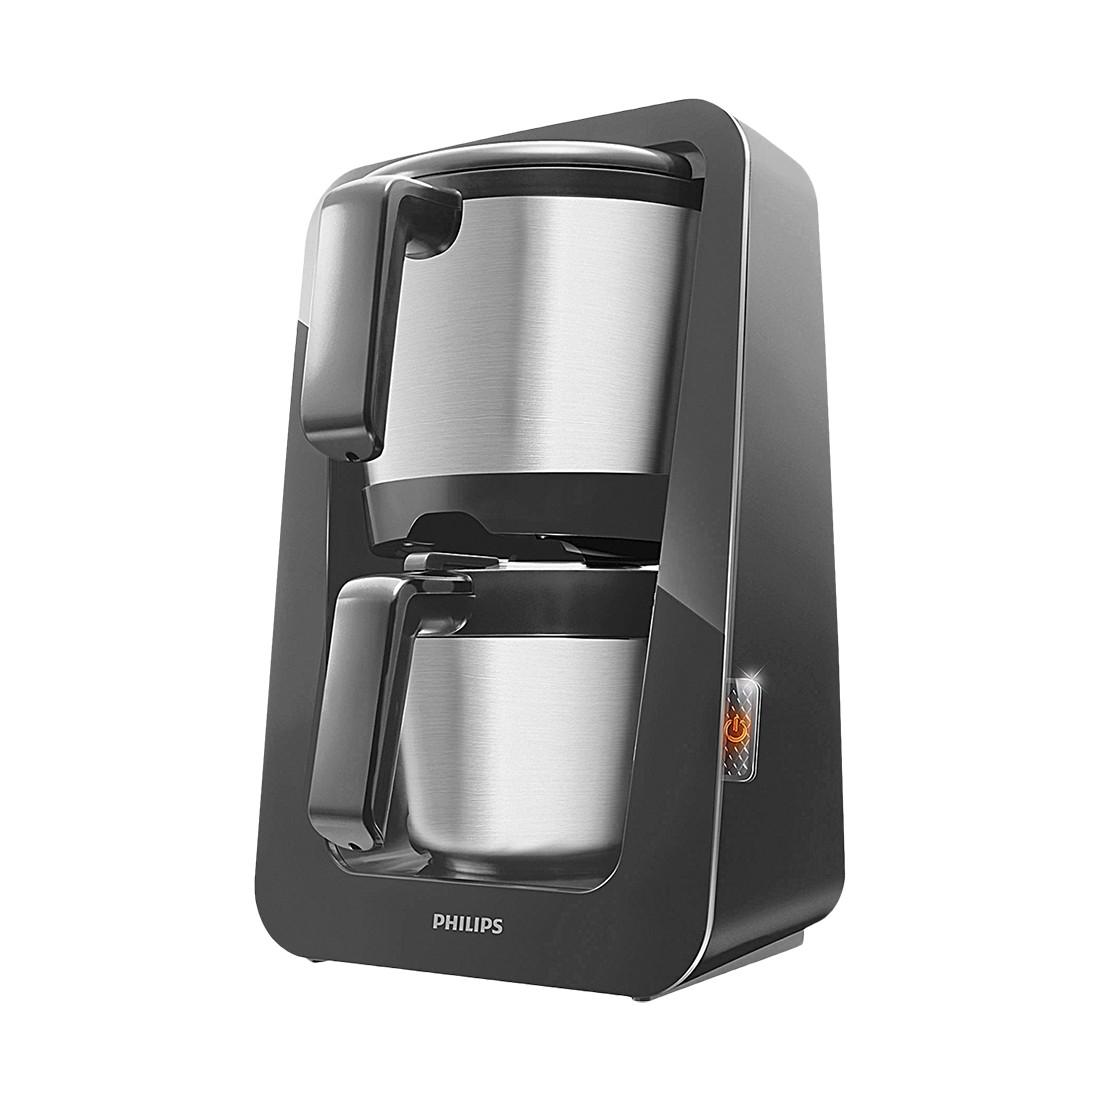 Kaffeeautomat Avance HD 7698 20 – Gehäuse: Kunststoff, Kanne und Kaffee-/Wasserbehälter: Edelstahl Schwarz, Philips günstig online kaufen